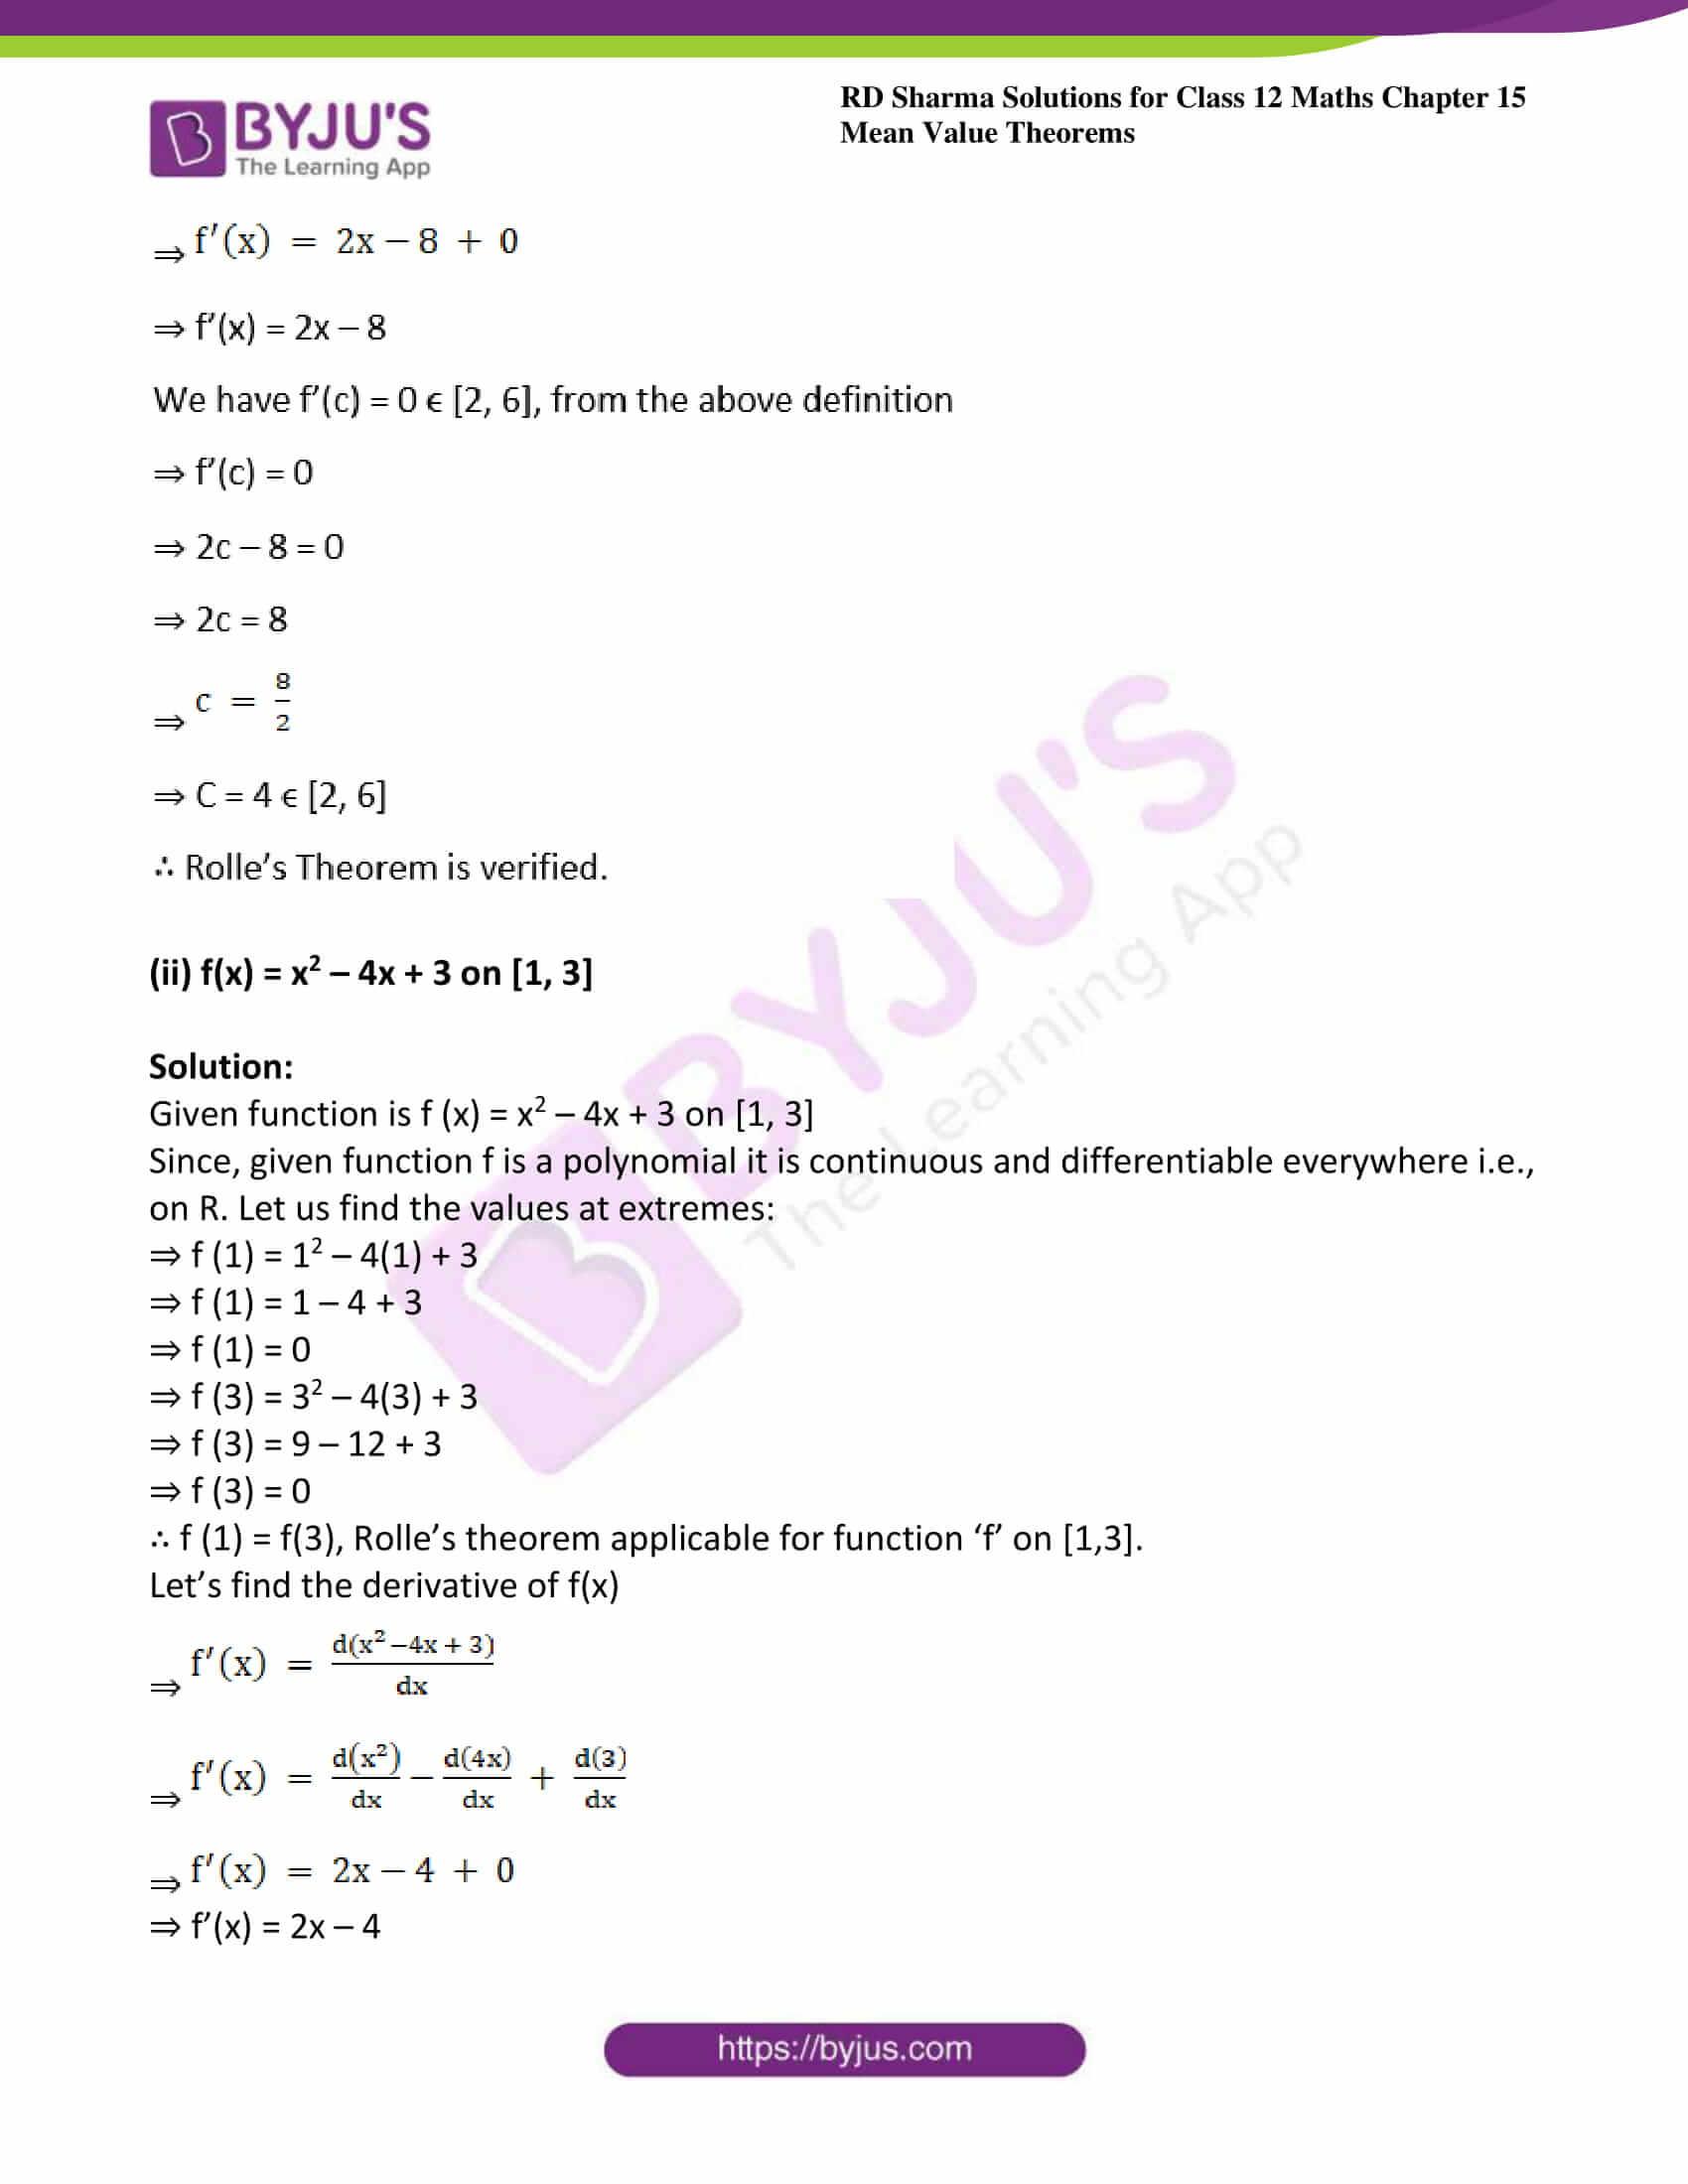 rd sharma class 12 maths solutions chapter 15 ex 1 07